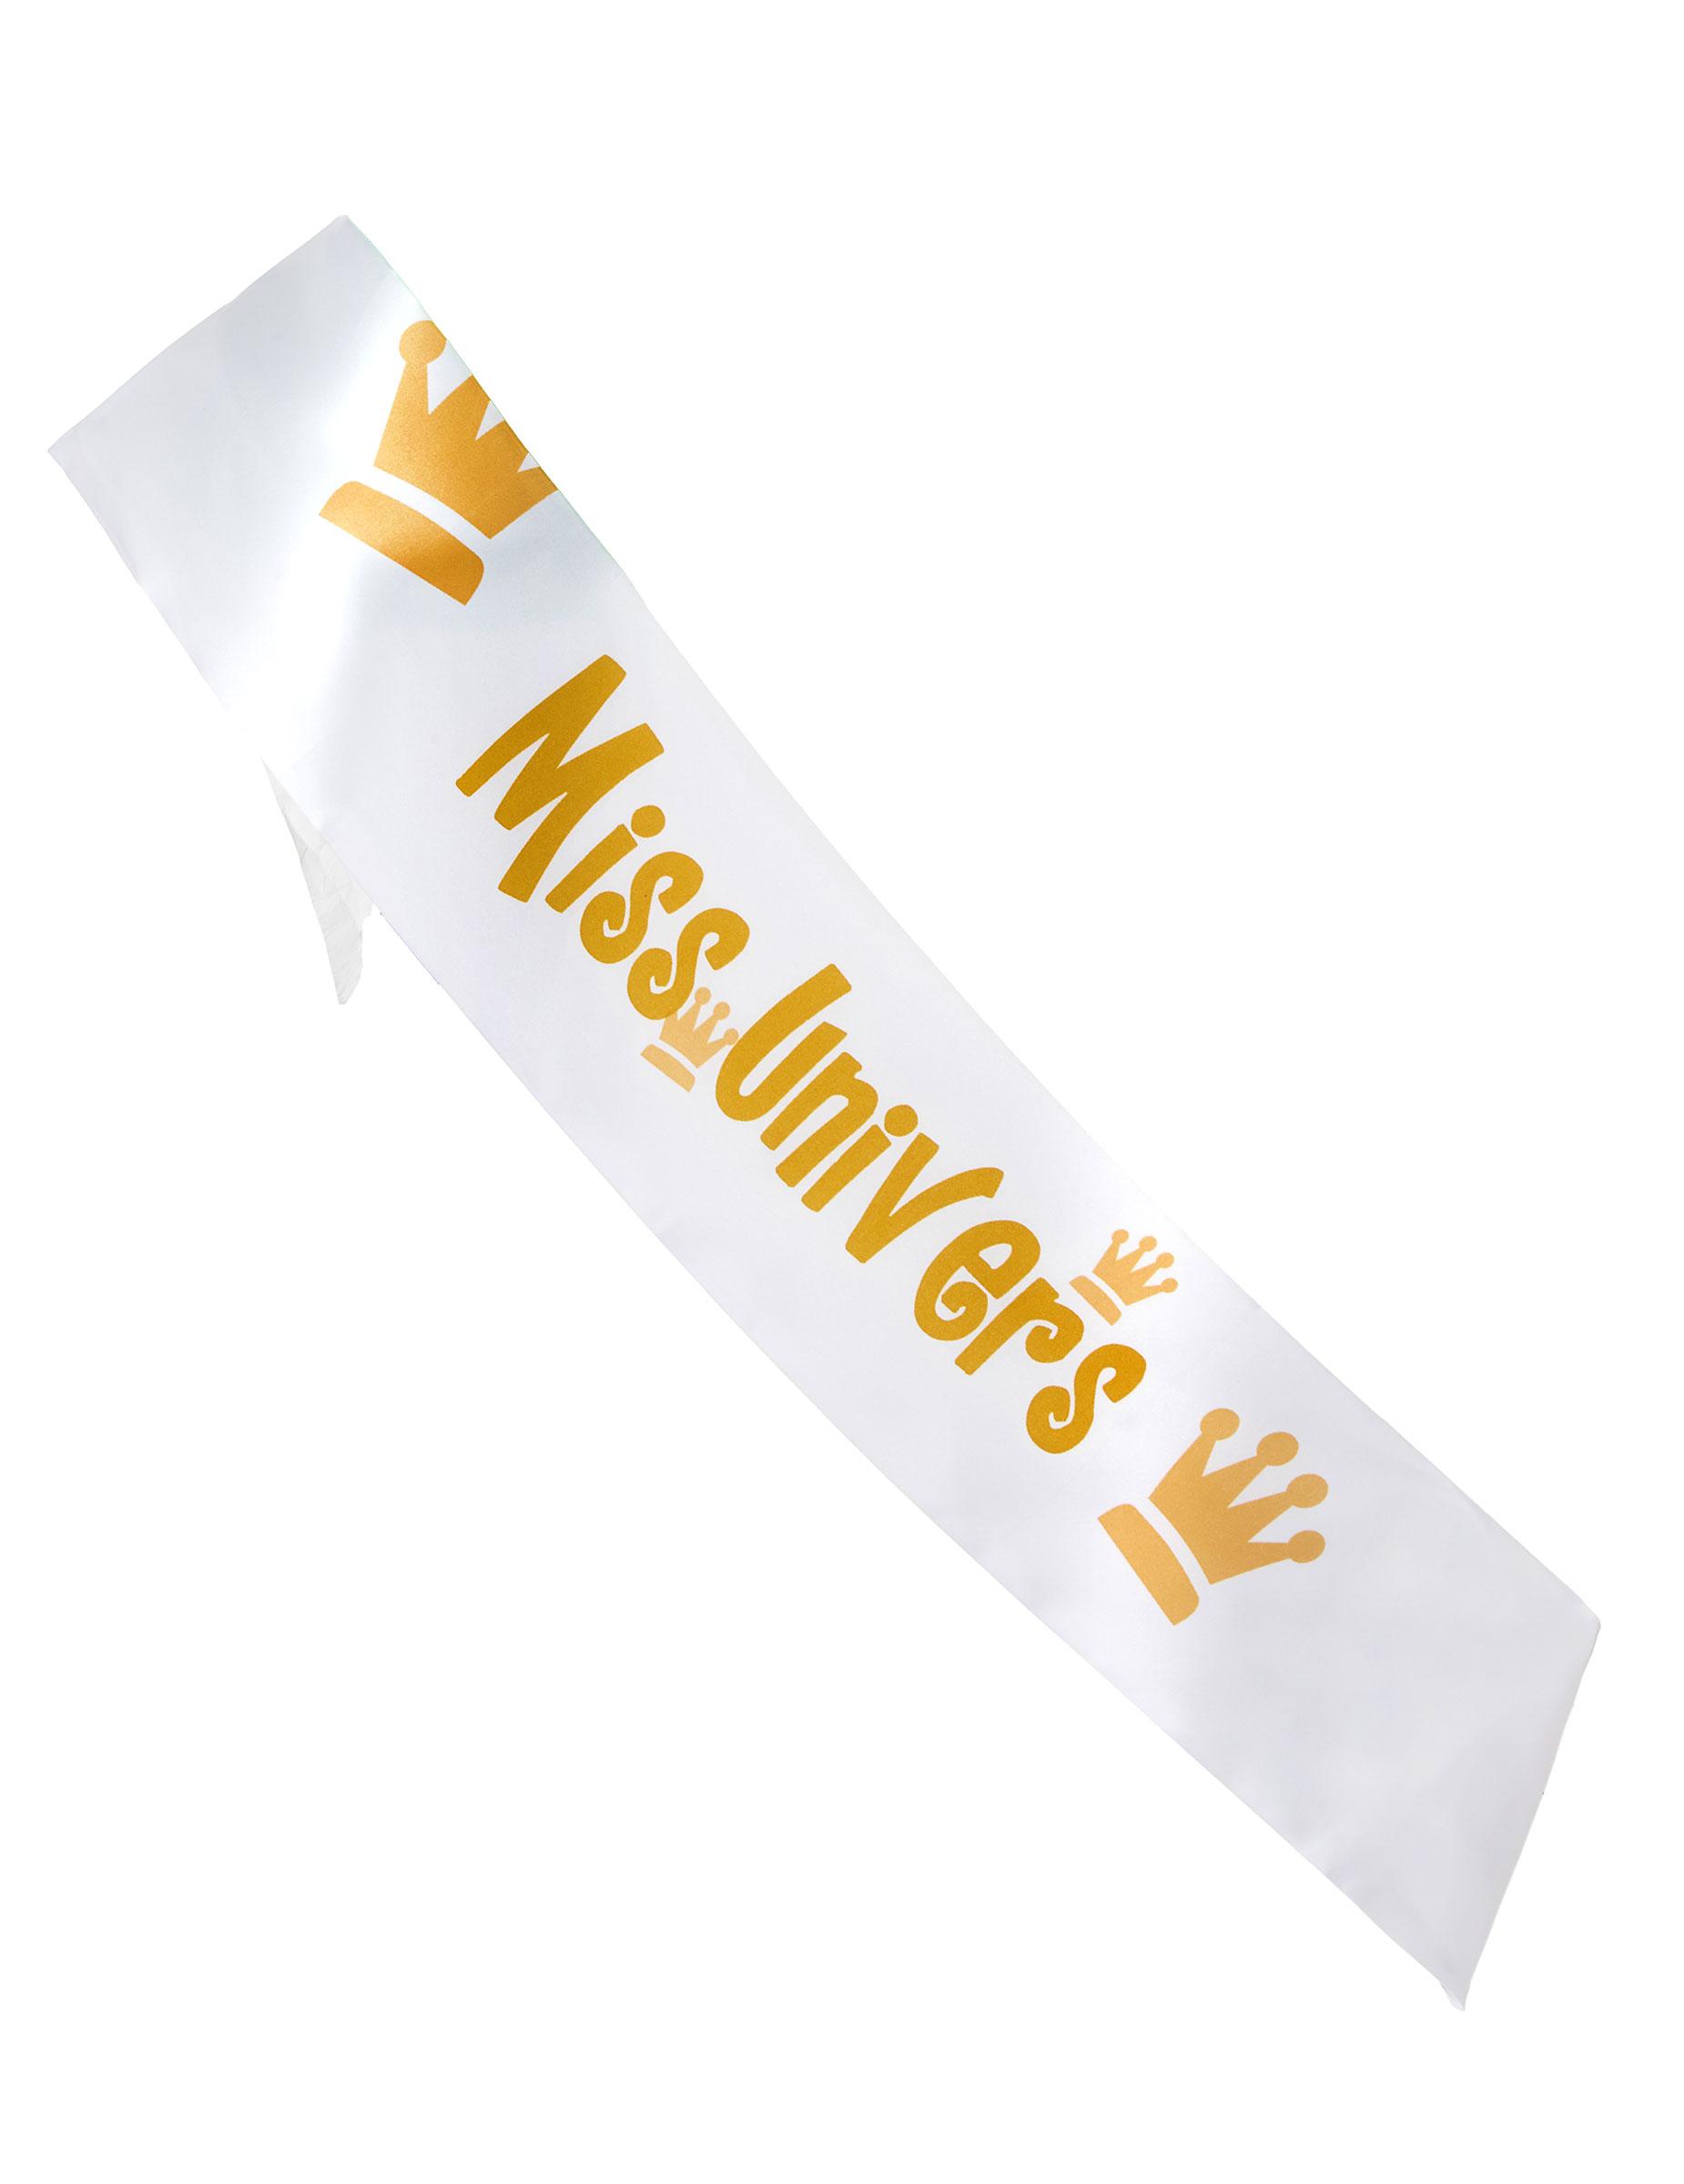 Echarpe Miss univers 80 x 14 cm   Deguise-toi, achat de Accessoires 14a433caeb3